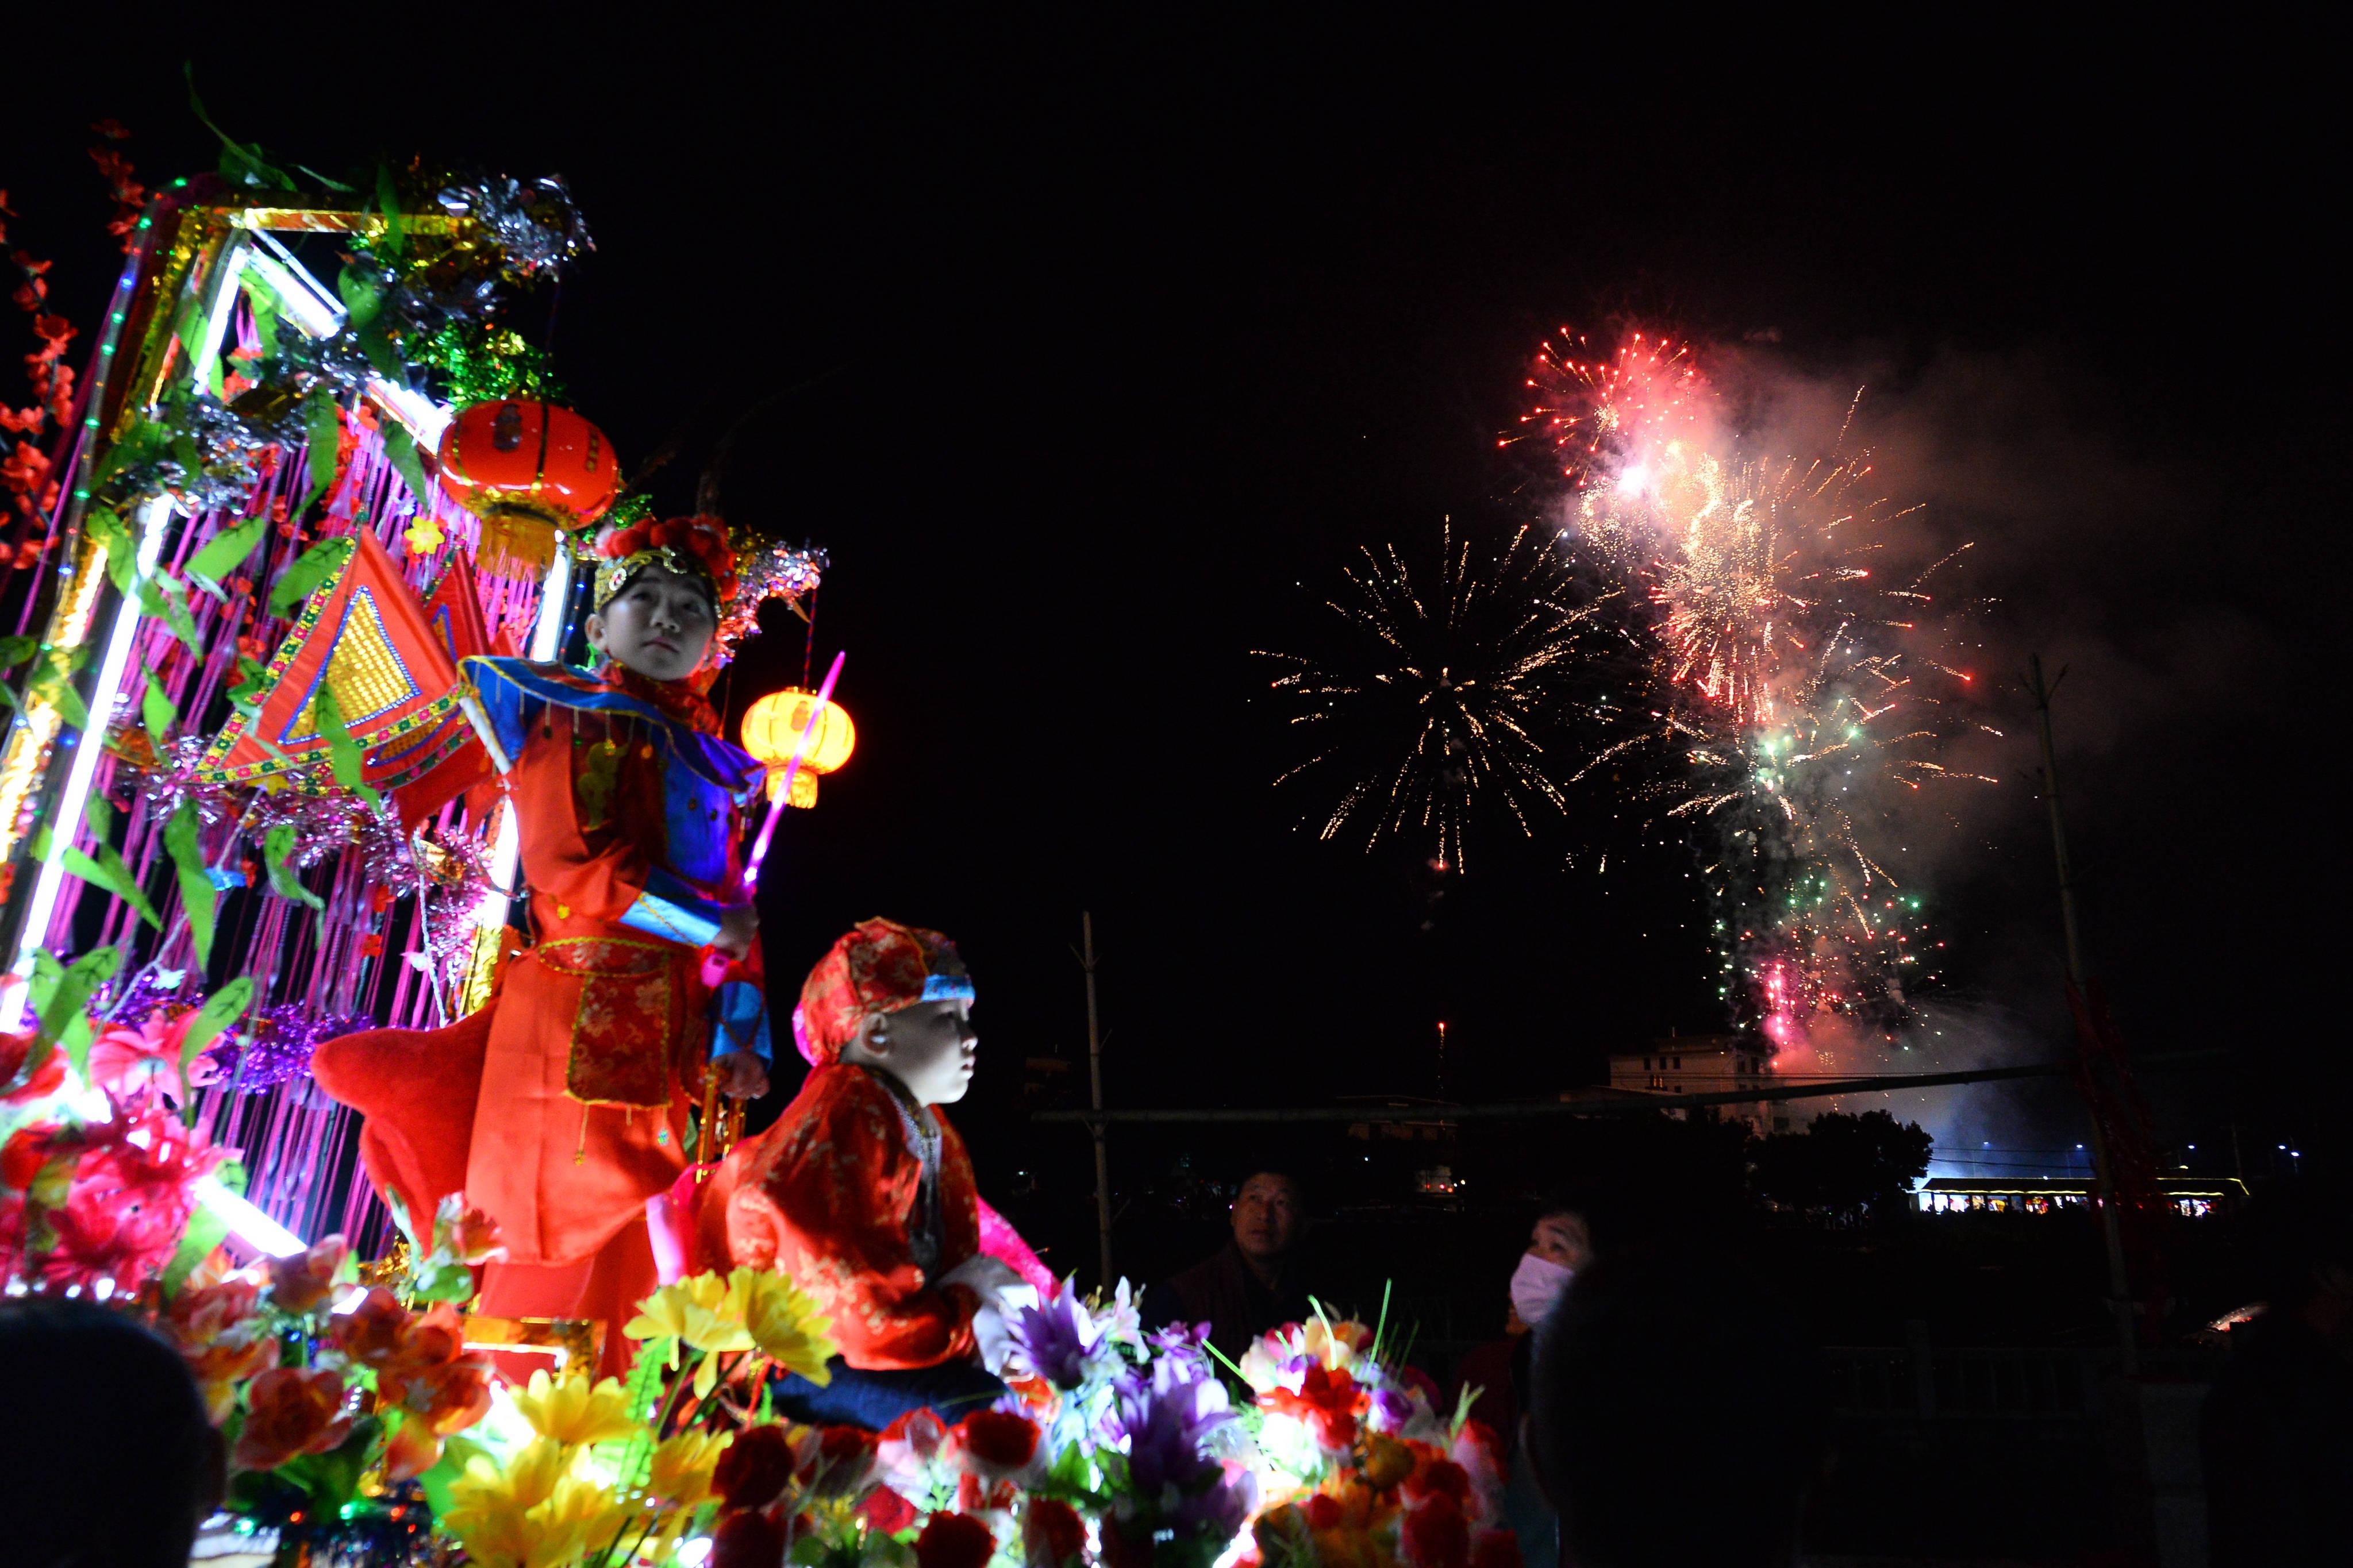 走古事,客家人的元宵节狂欢,什么魅力让它延续数百年?